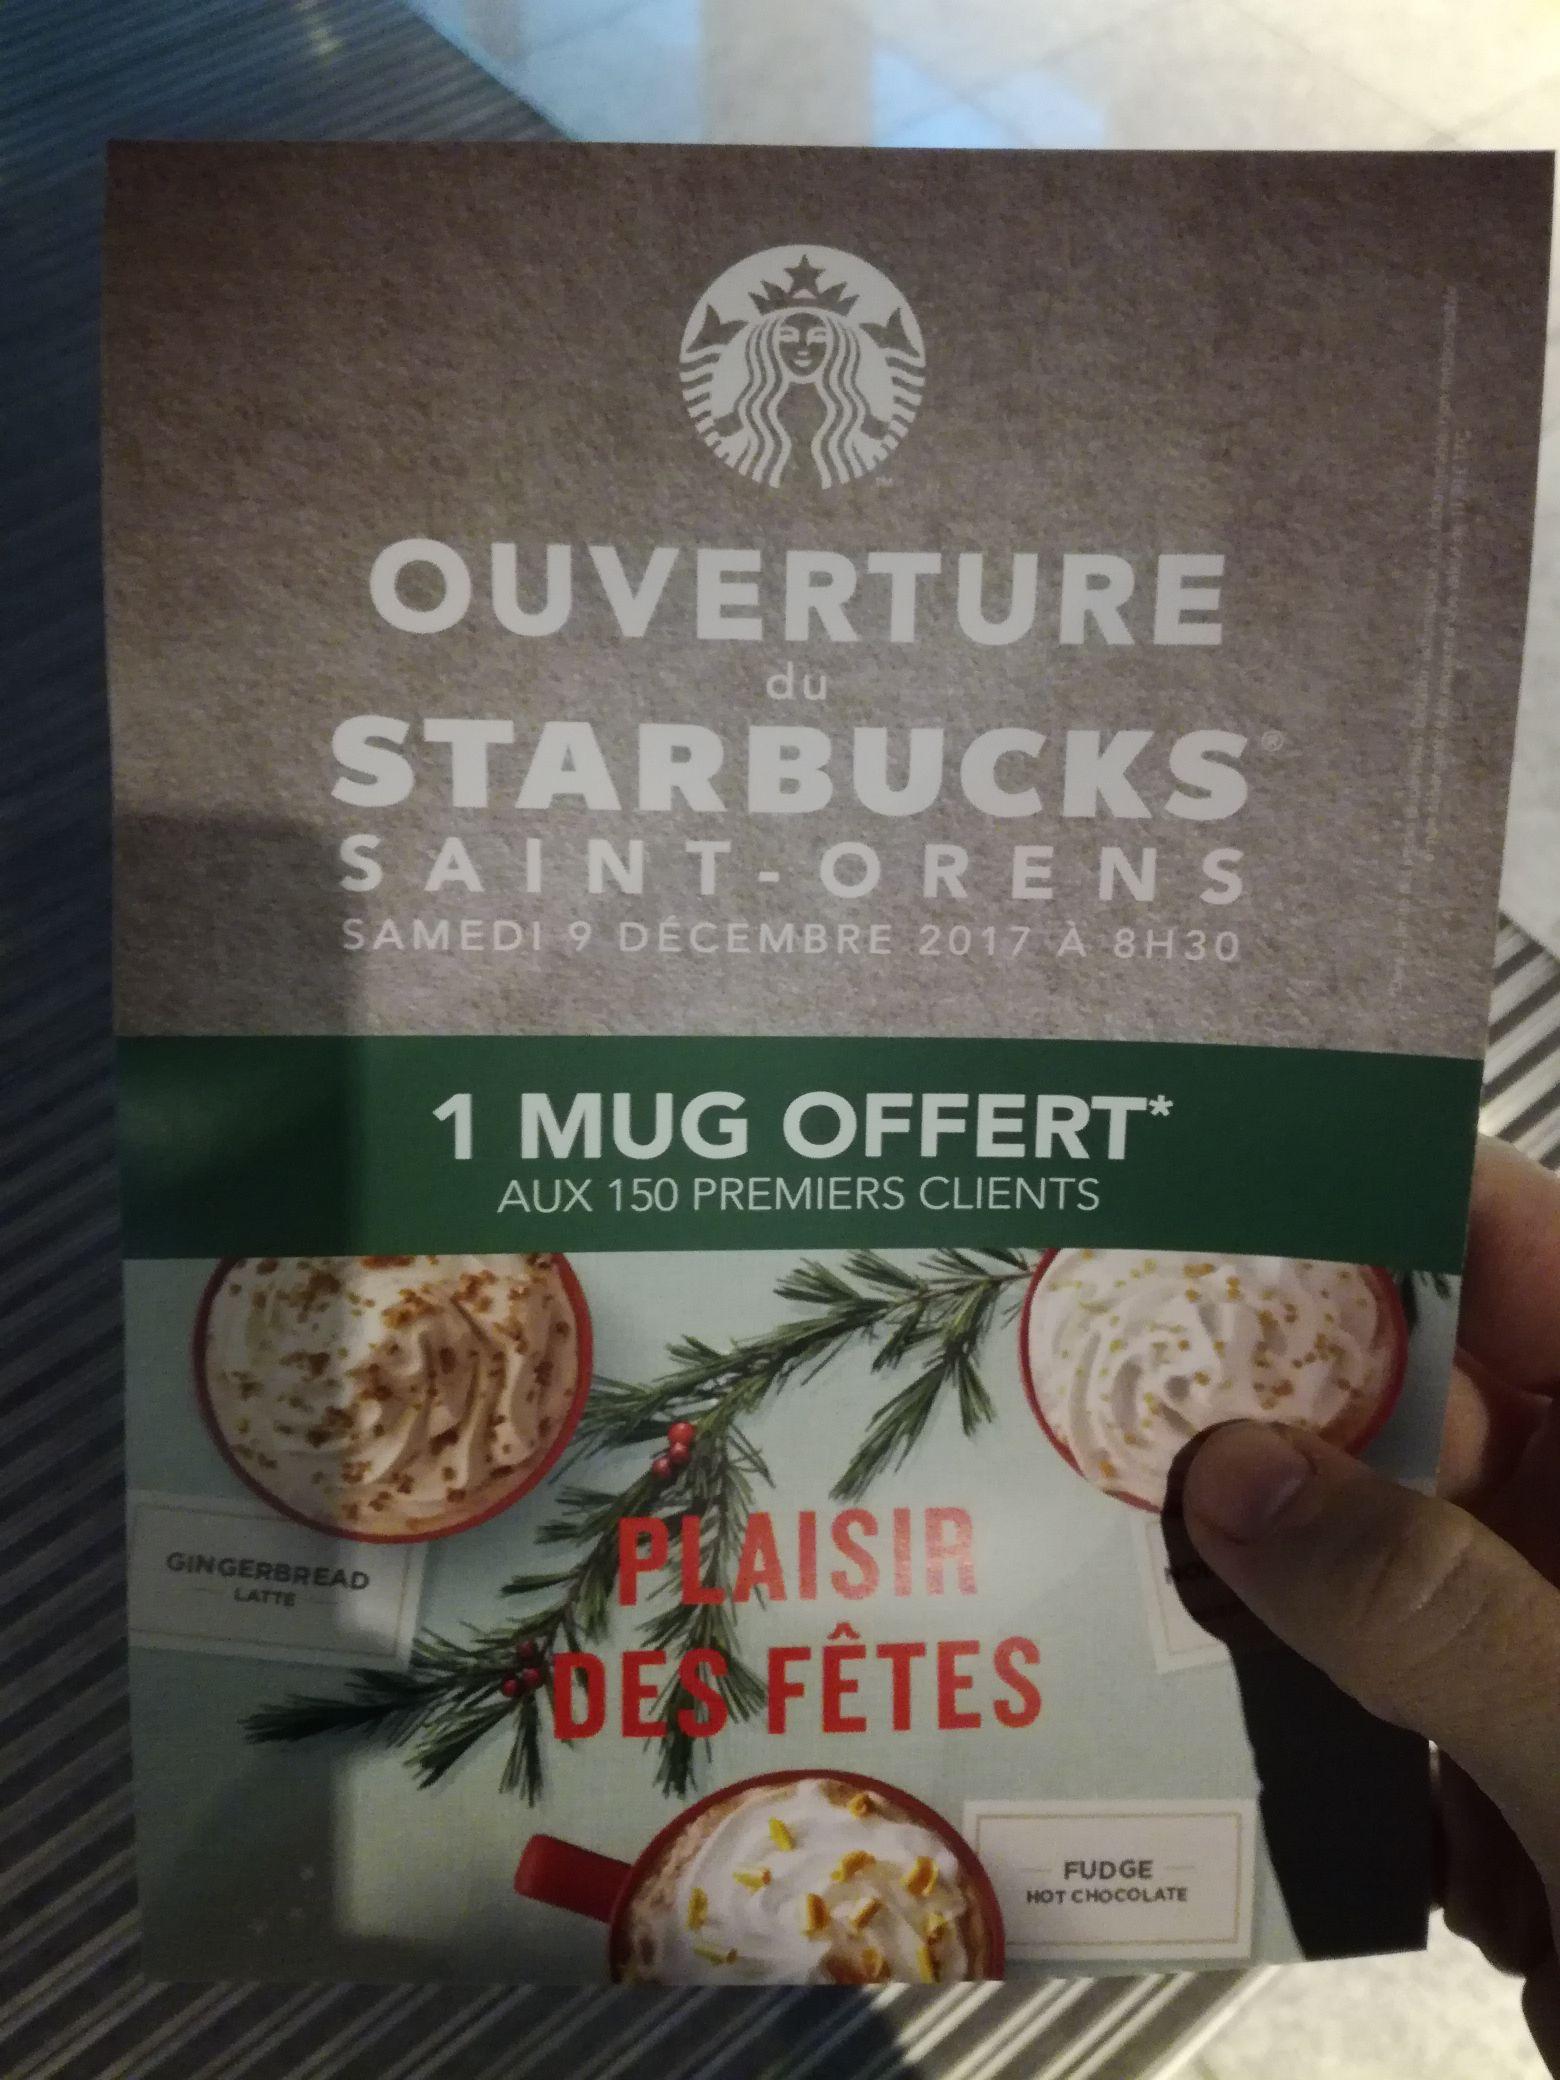 Un mug offert aux 150 premiers clients - Saint-Orens (31)